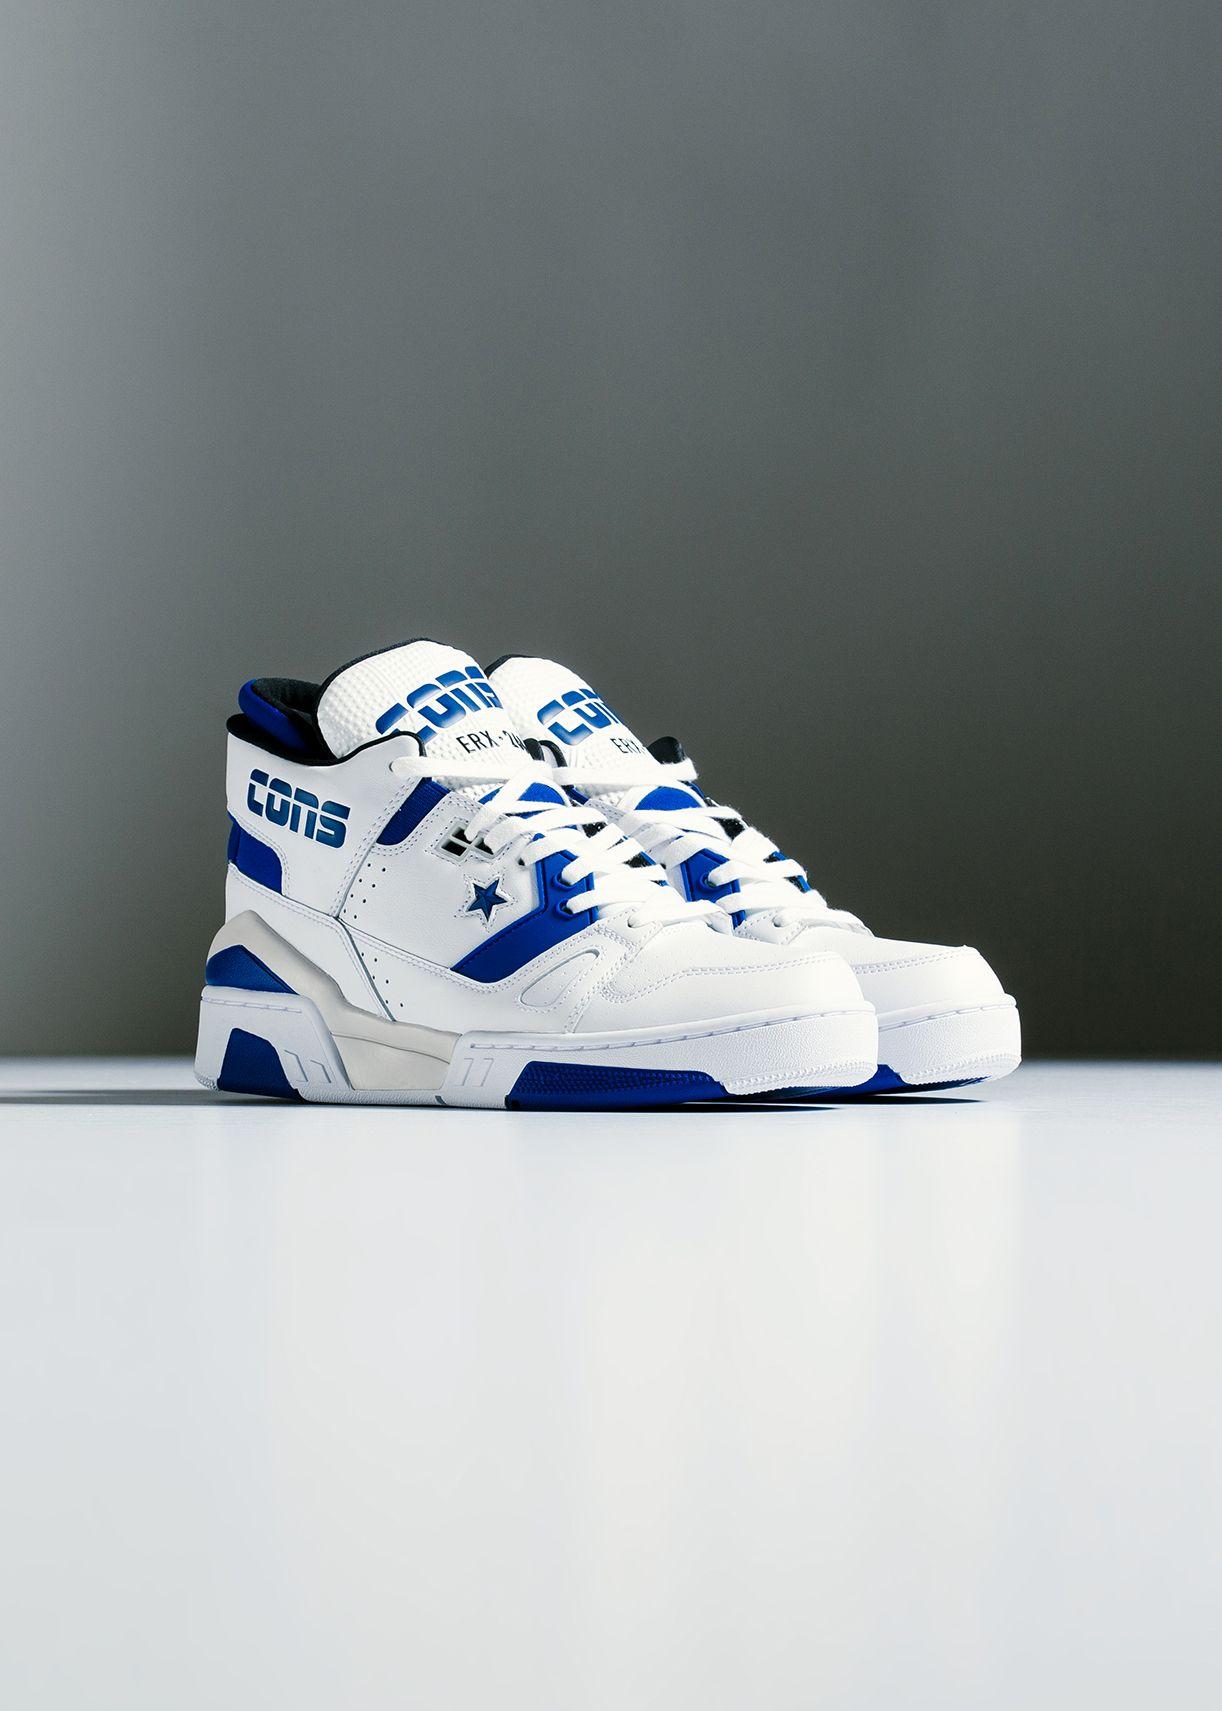 Converse ERX 260 Mid Joggesko, Trending joggesko  Sneakers, Trending sneakers